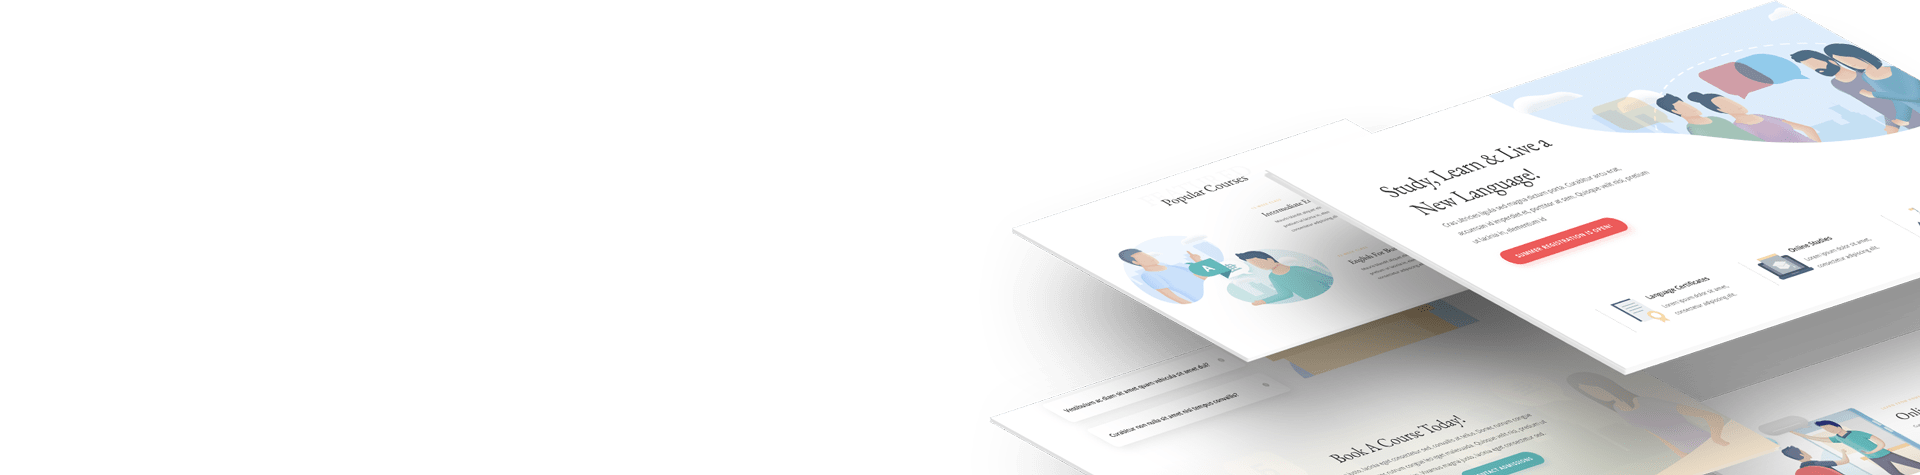 Internetseite erstellen